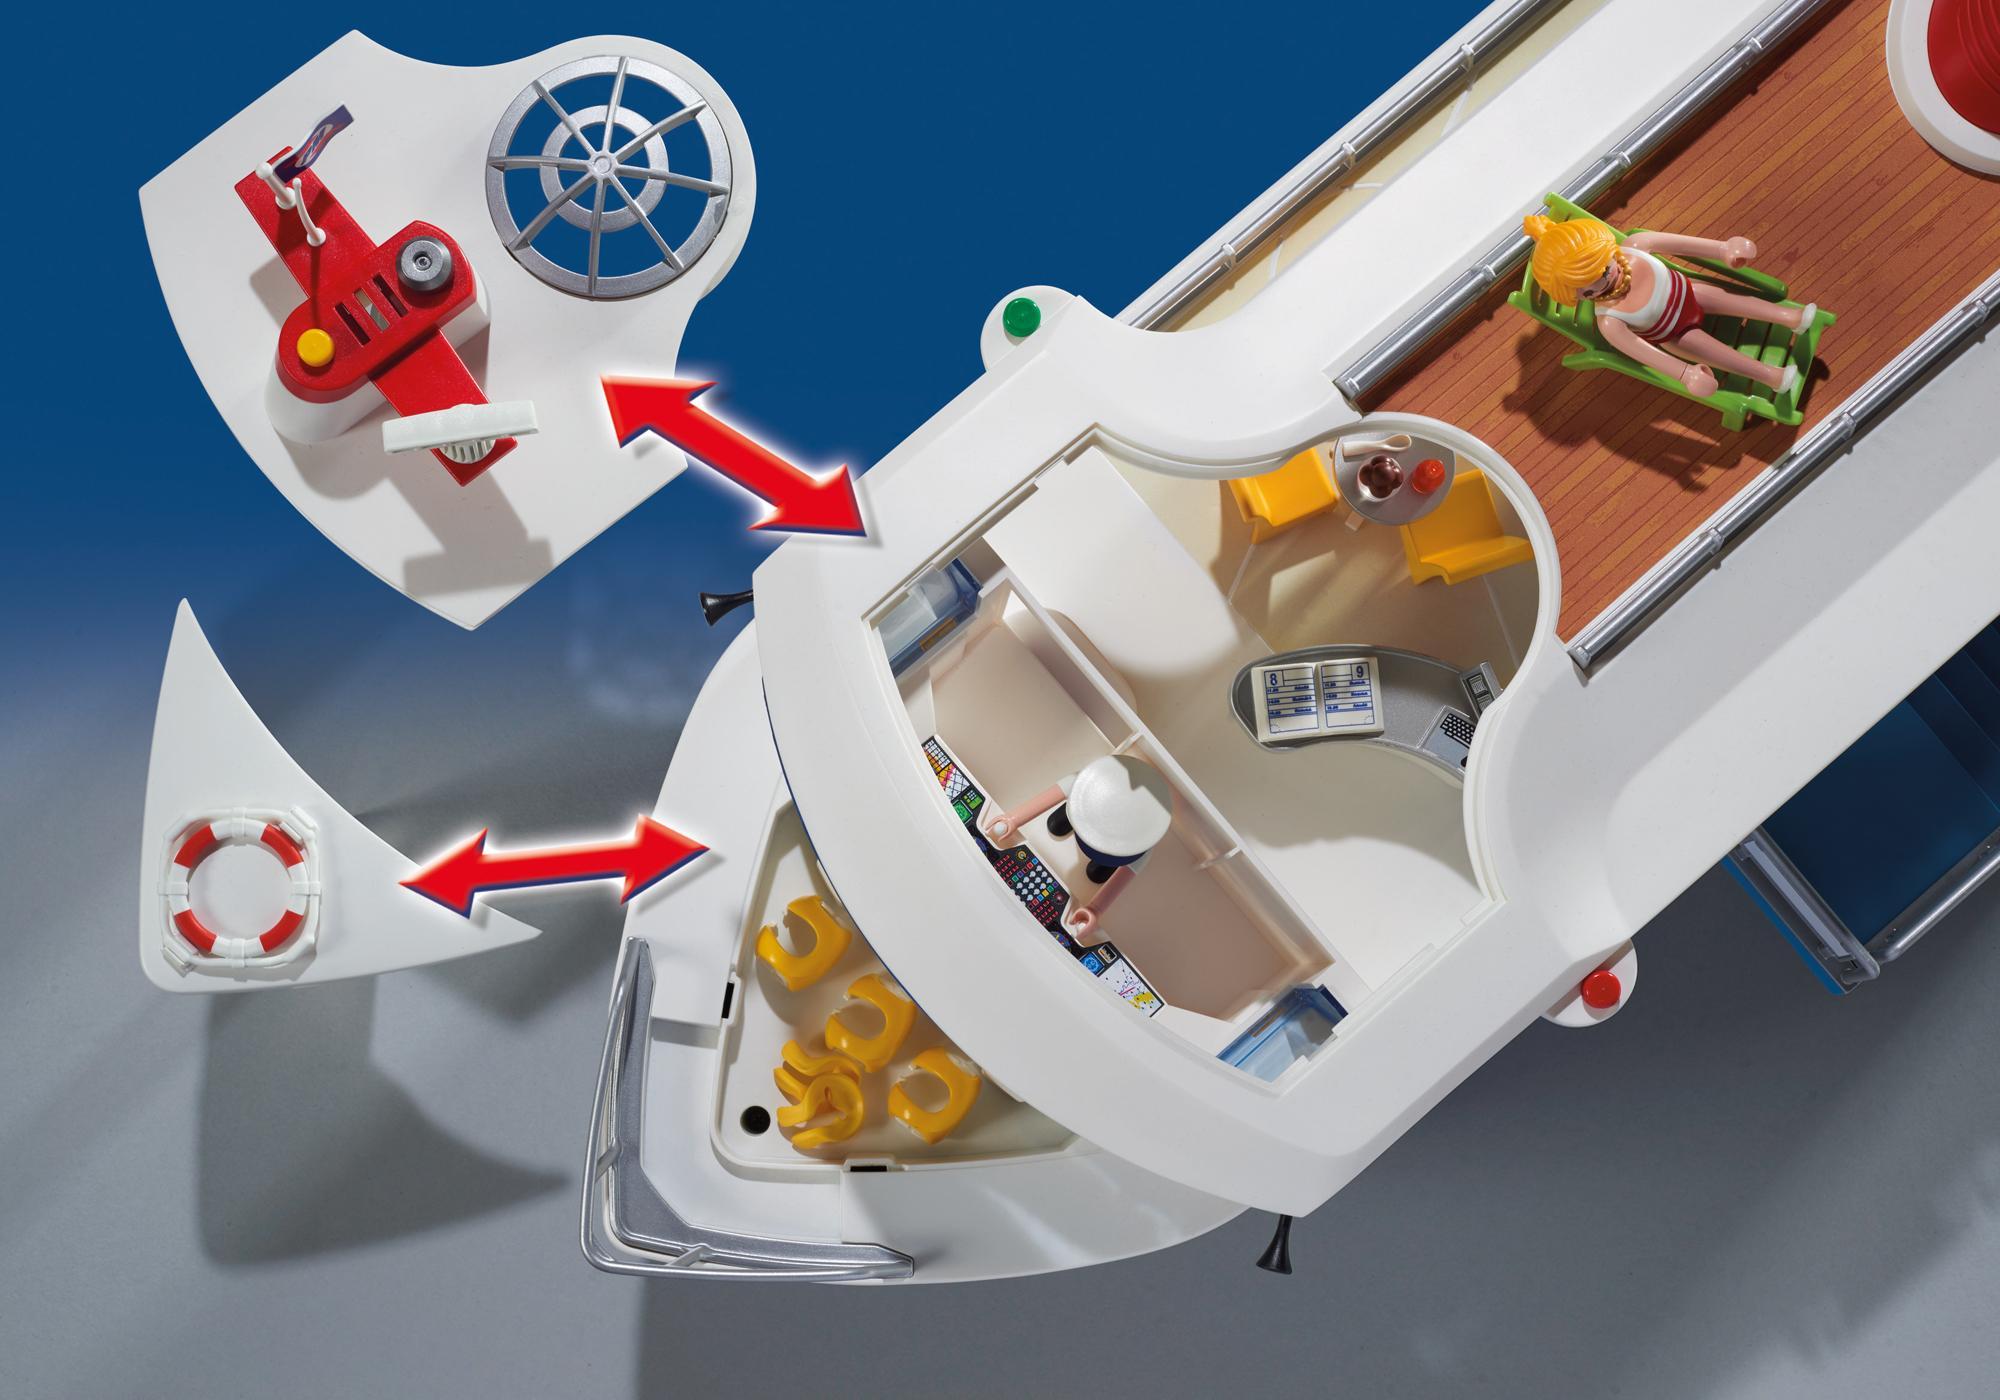 http://media.playmobil.com/i/playmobil/6978_product_extra5/Statek wycieczkowy